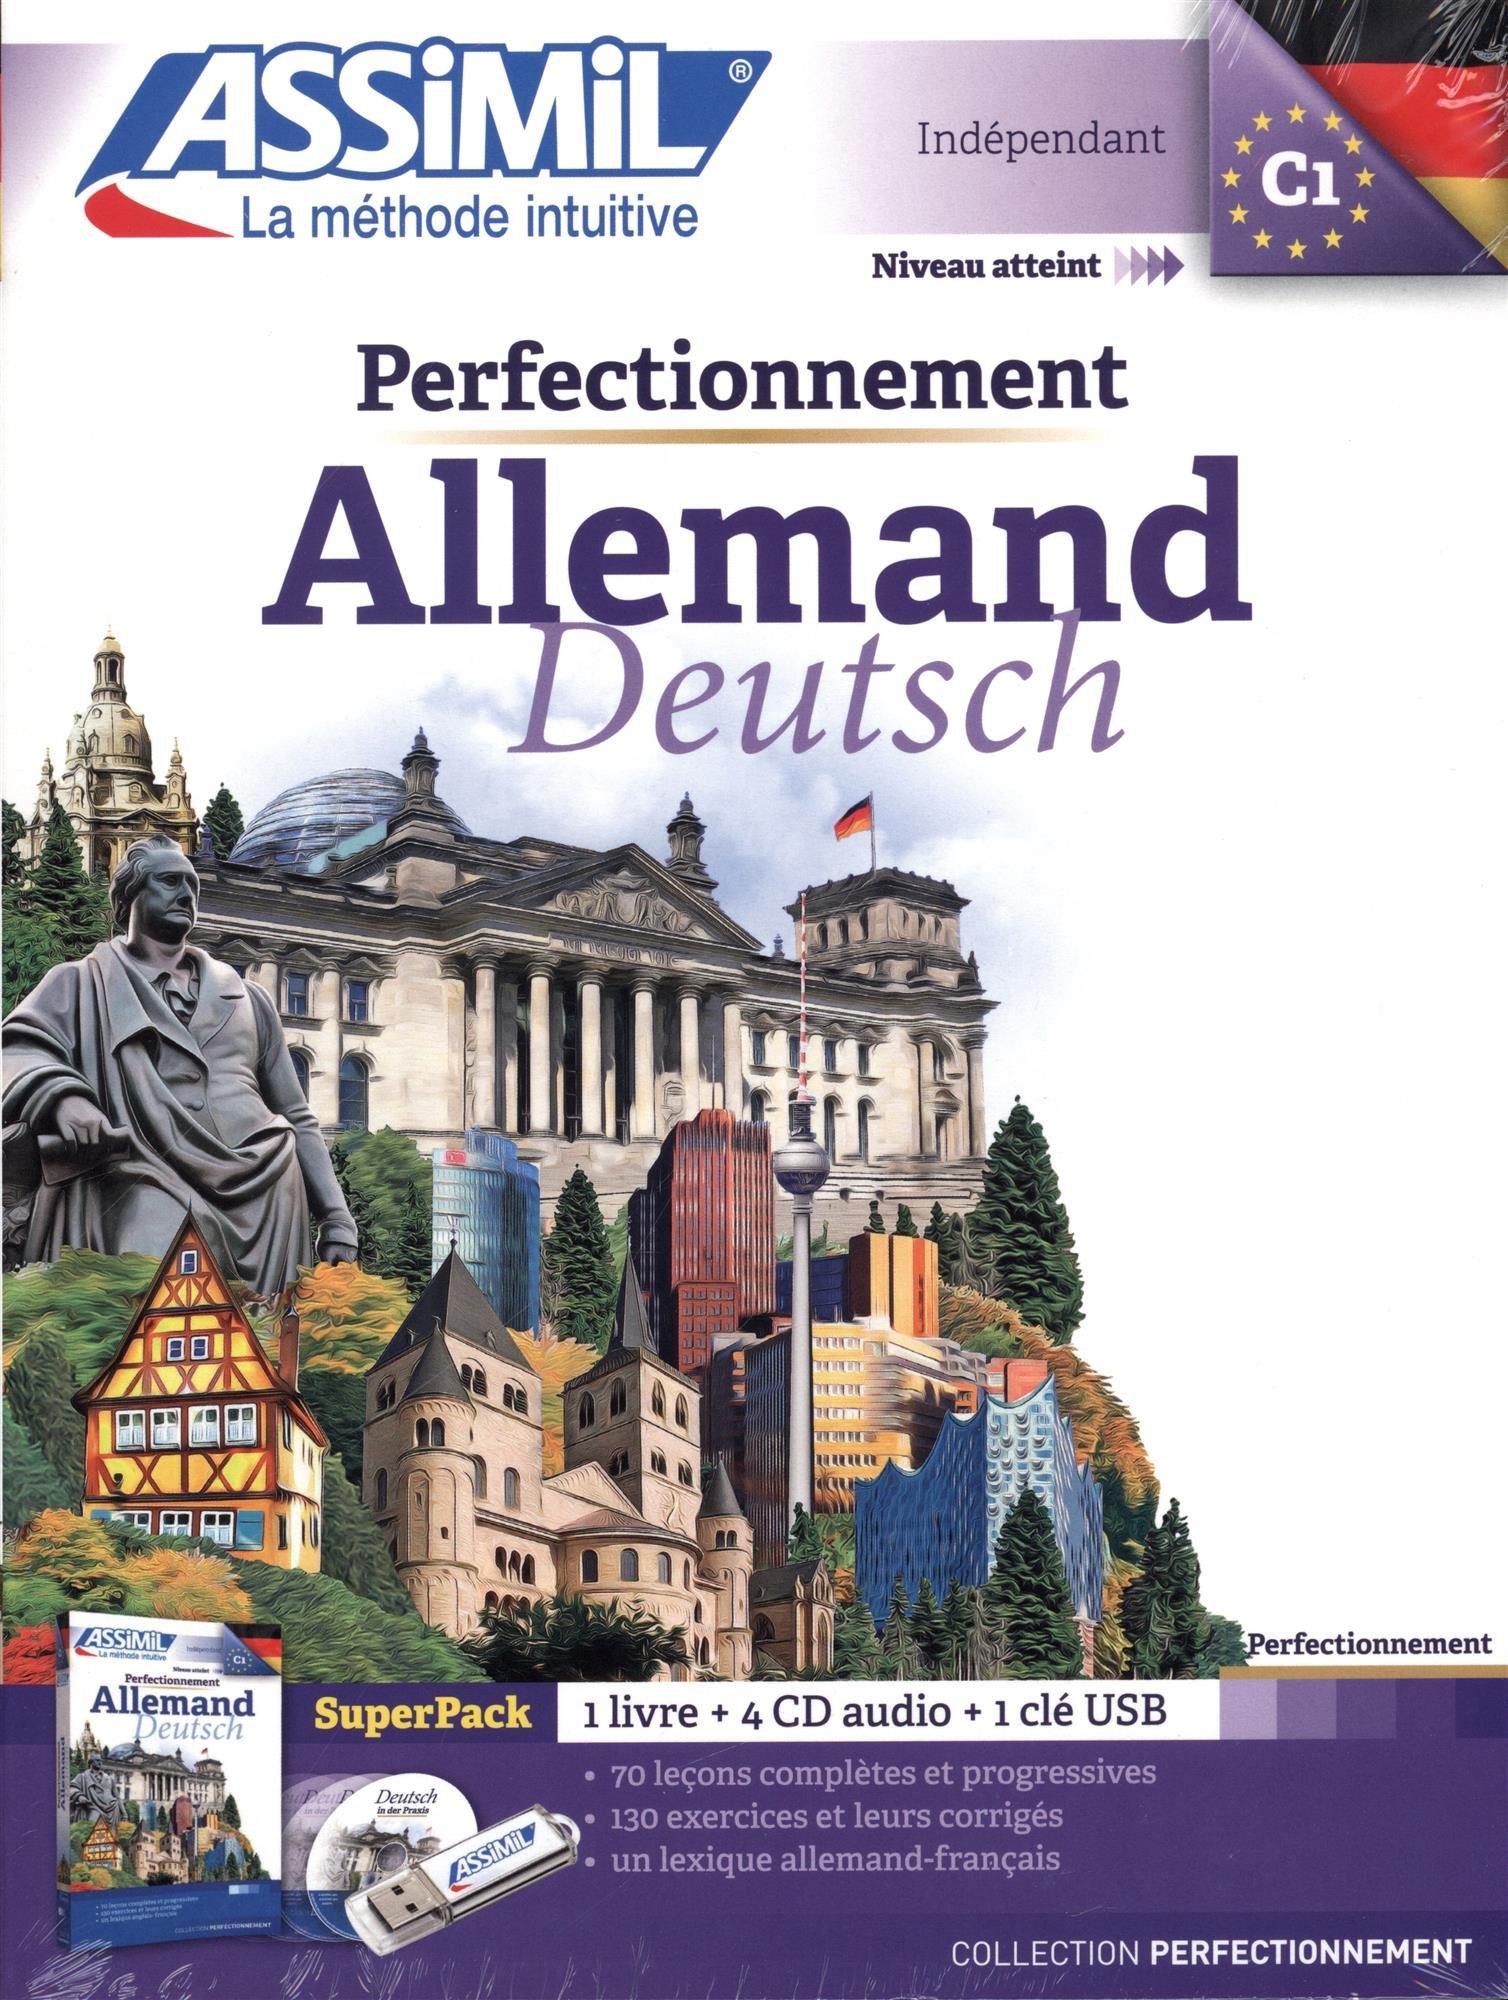 ASSIMIL ALLEMAND PERFECTIONNEMENT GRATUIT TÉLÉCHARGER